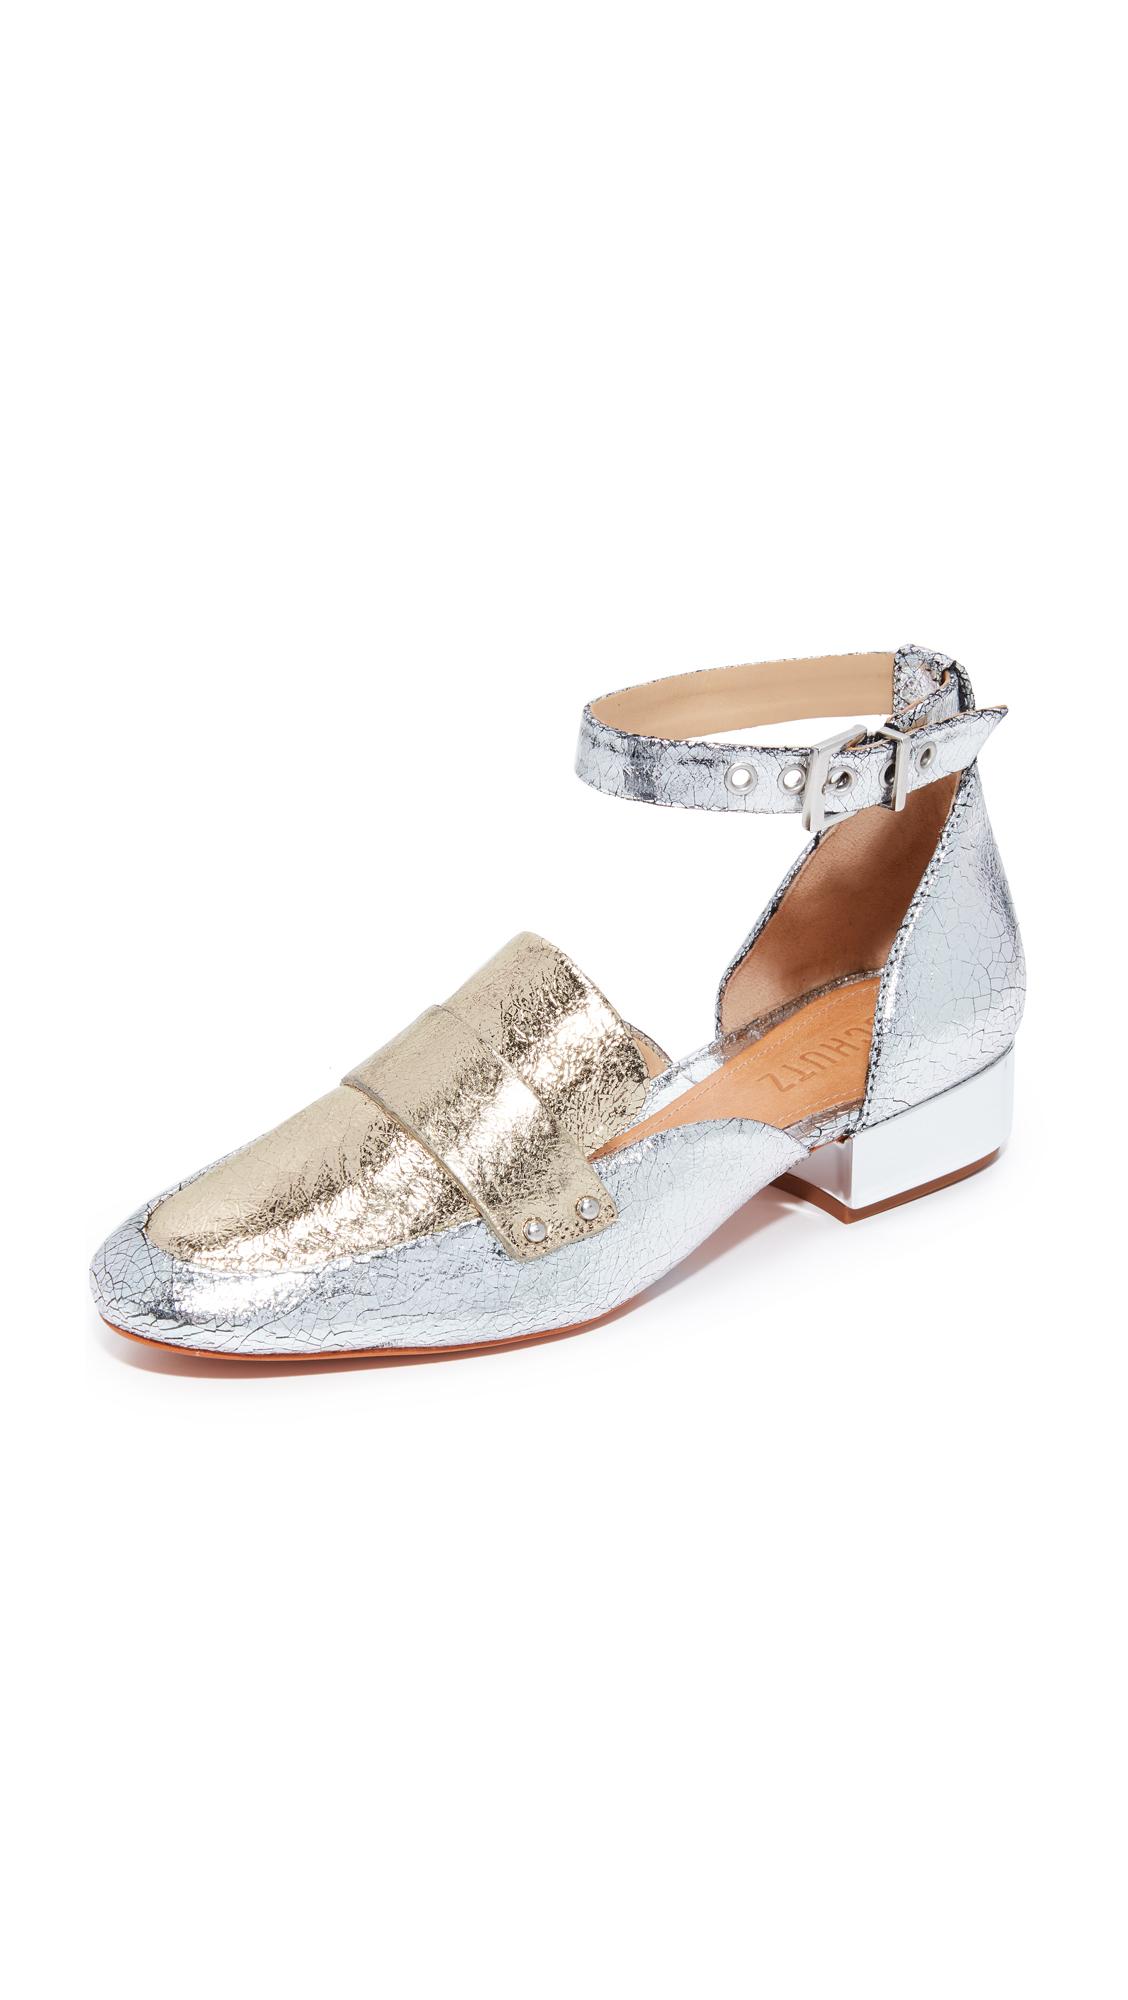 Schutz Moka Ankle Strap Loafers - Prata